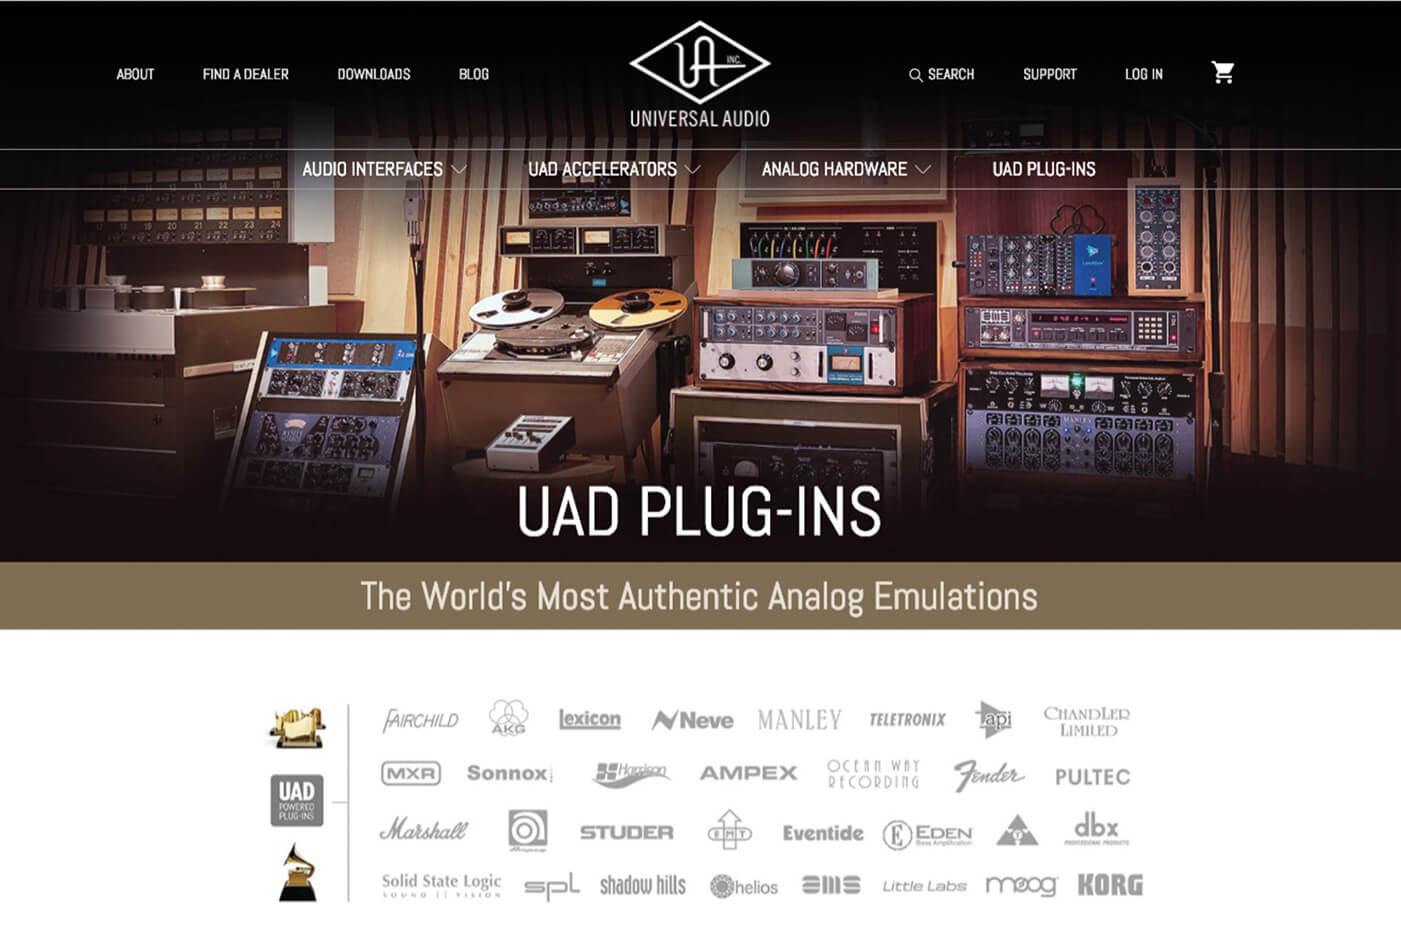 universal audio uad-2 plug-ins